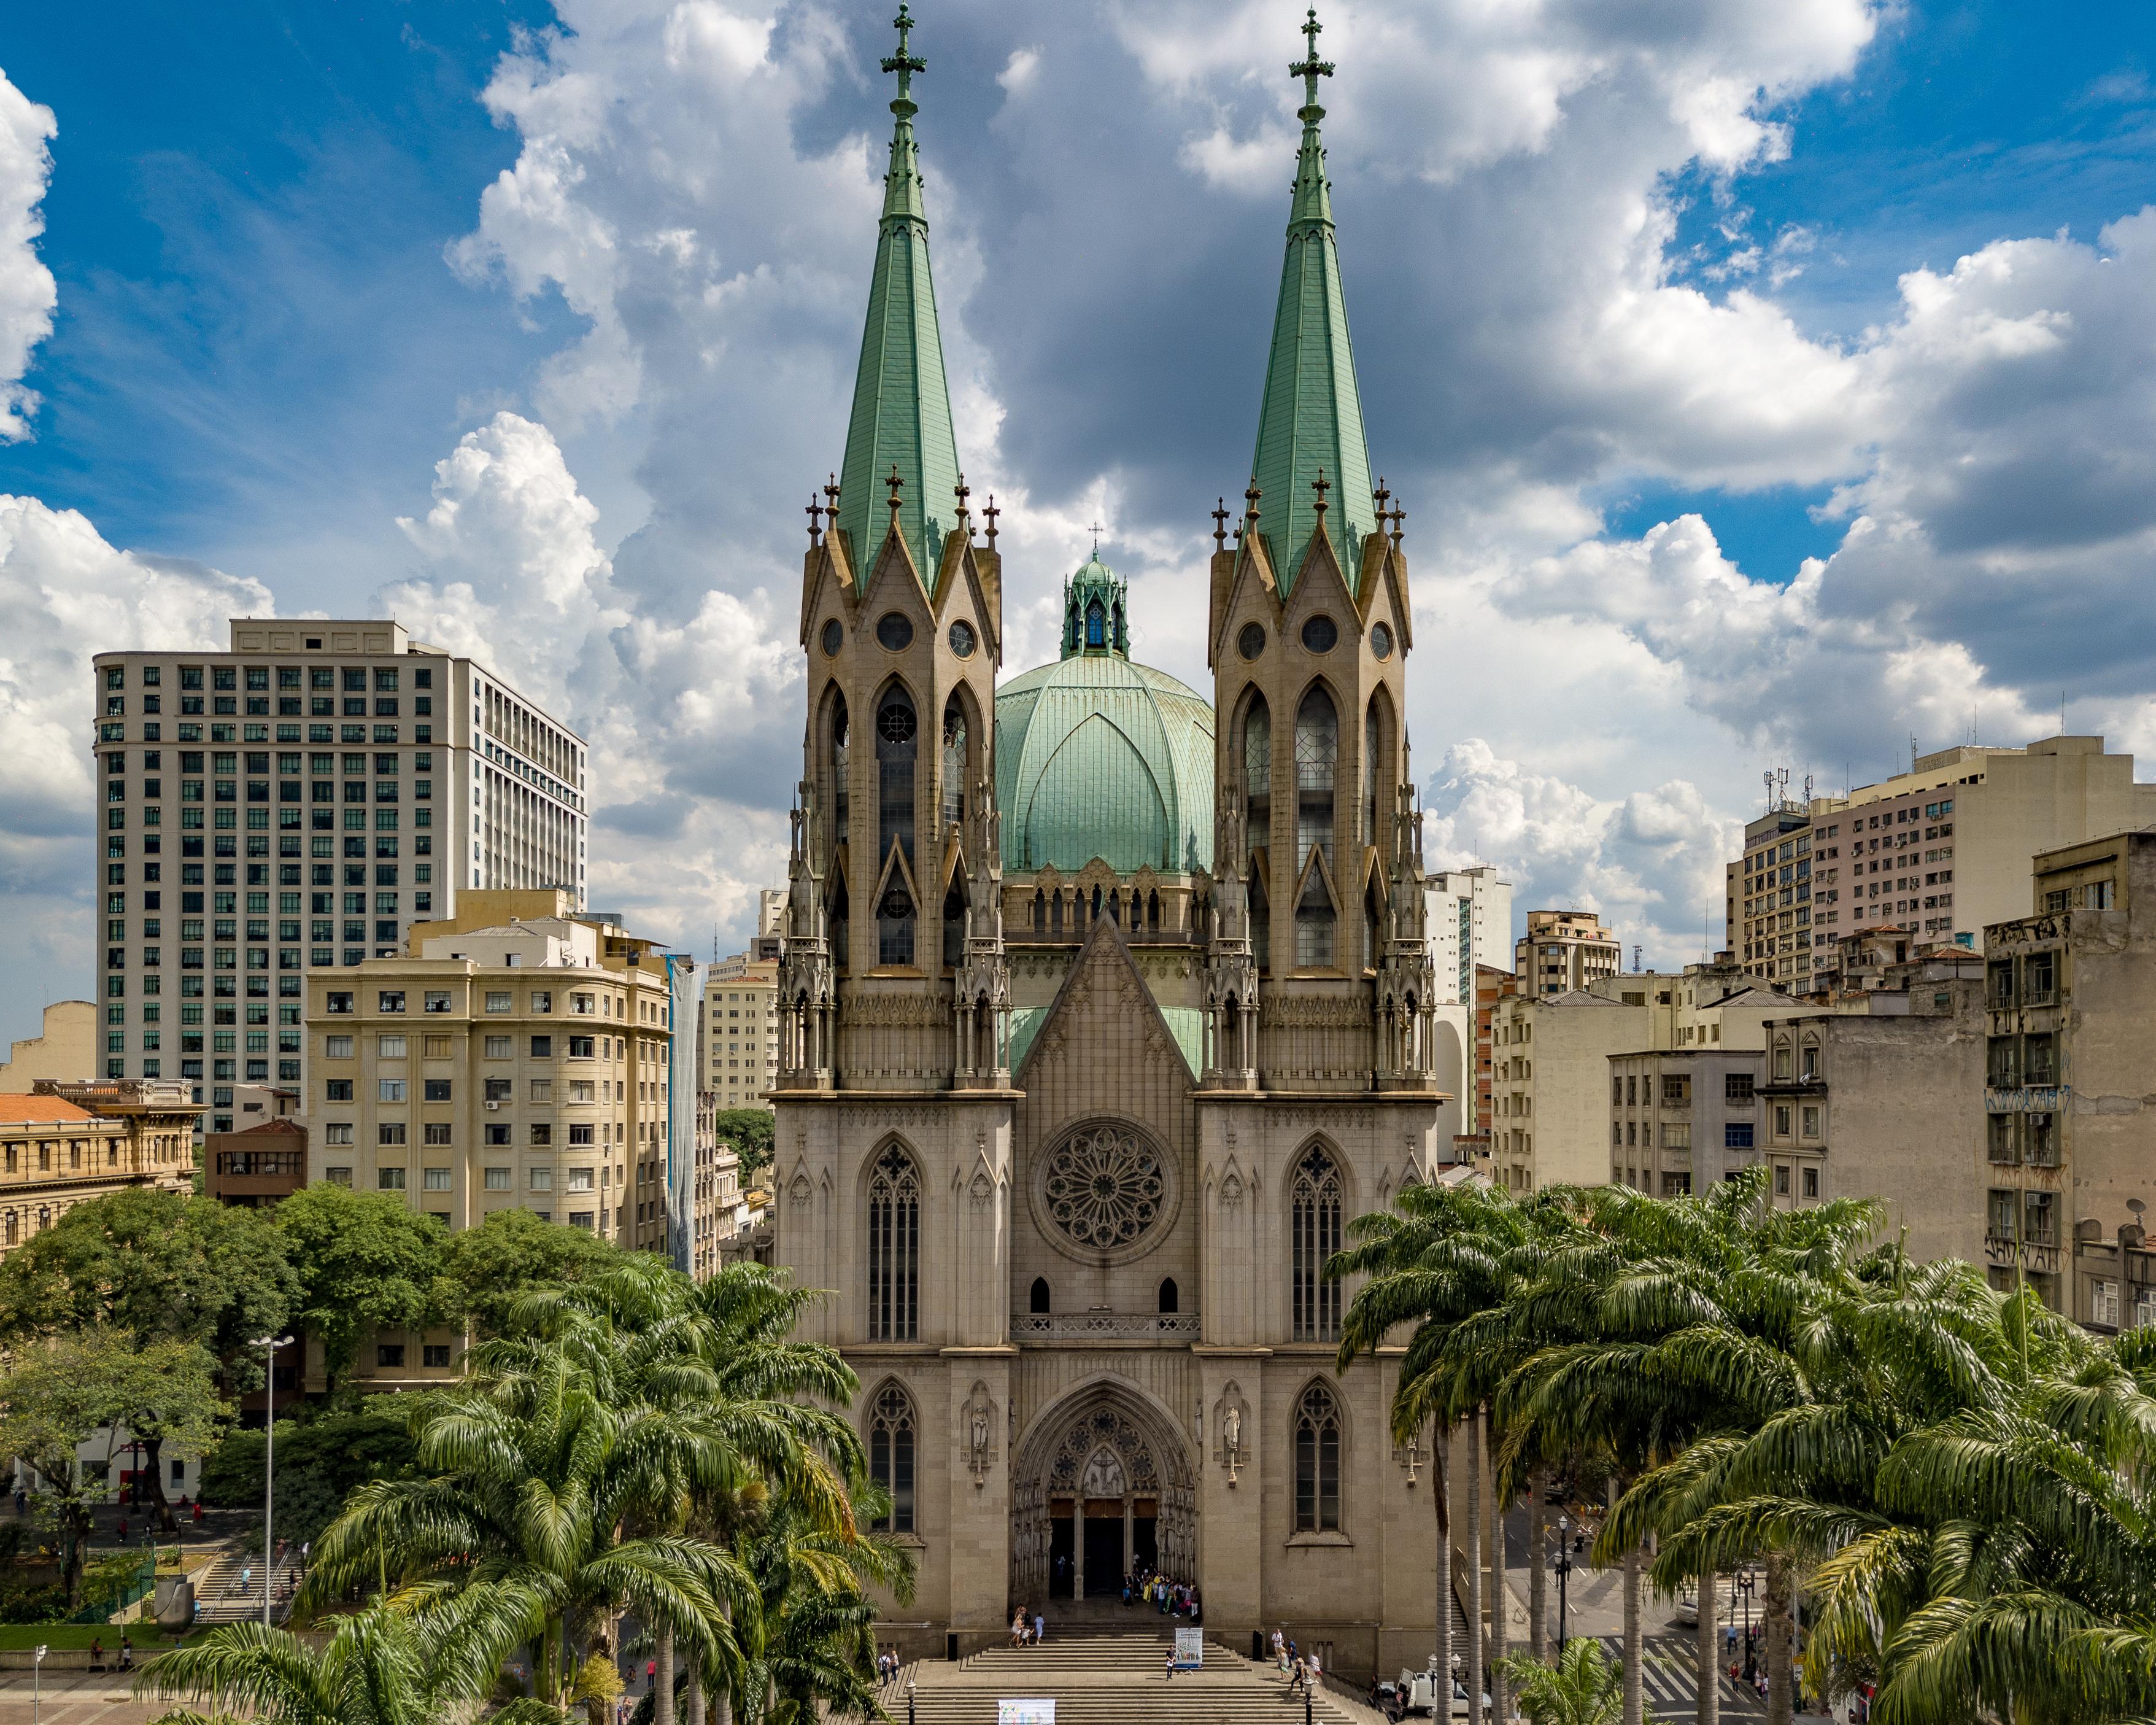 www.juicysantos.com.br - tebas o escravo arquiteto de santos